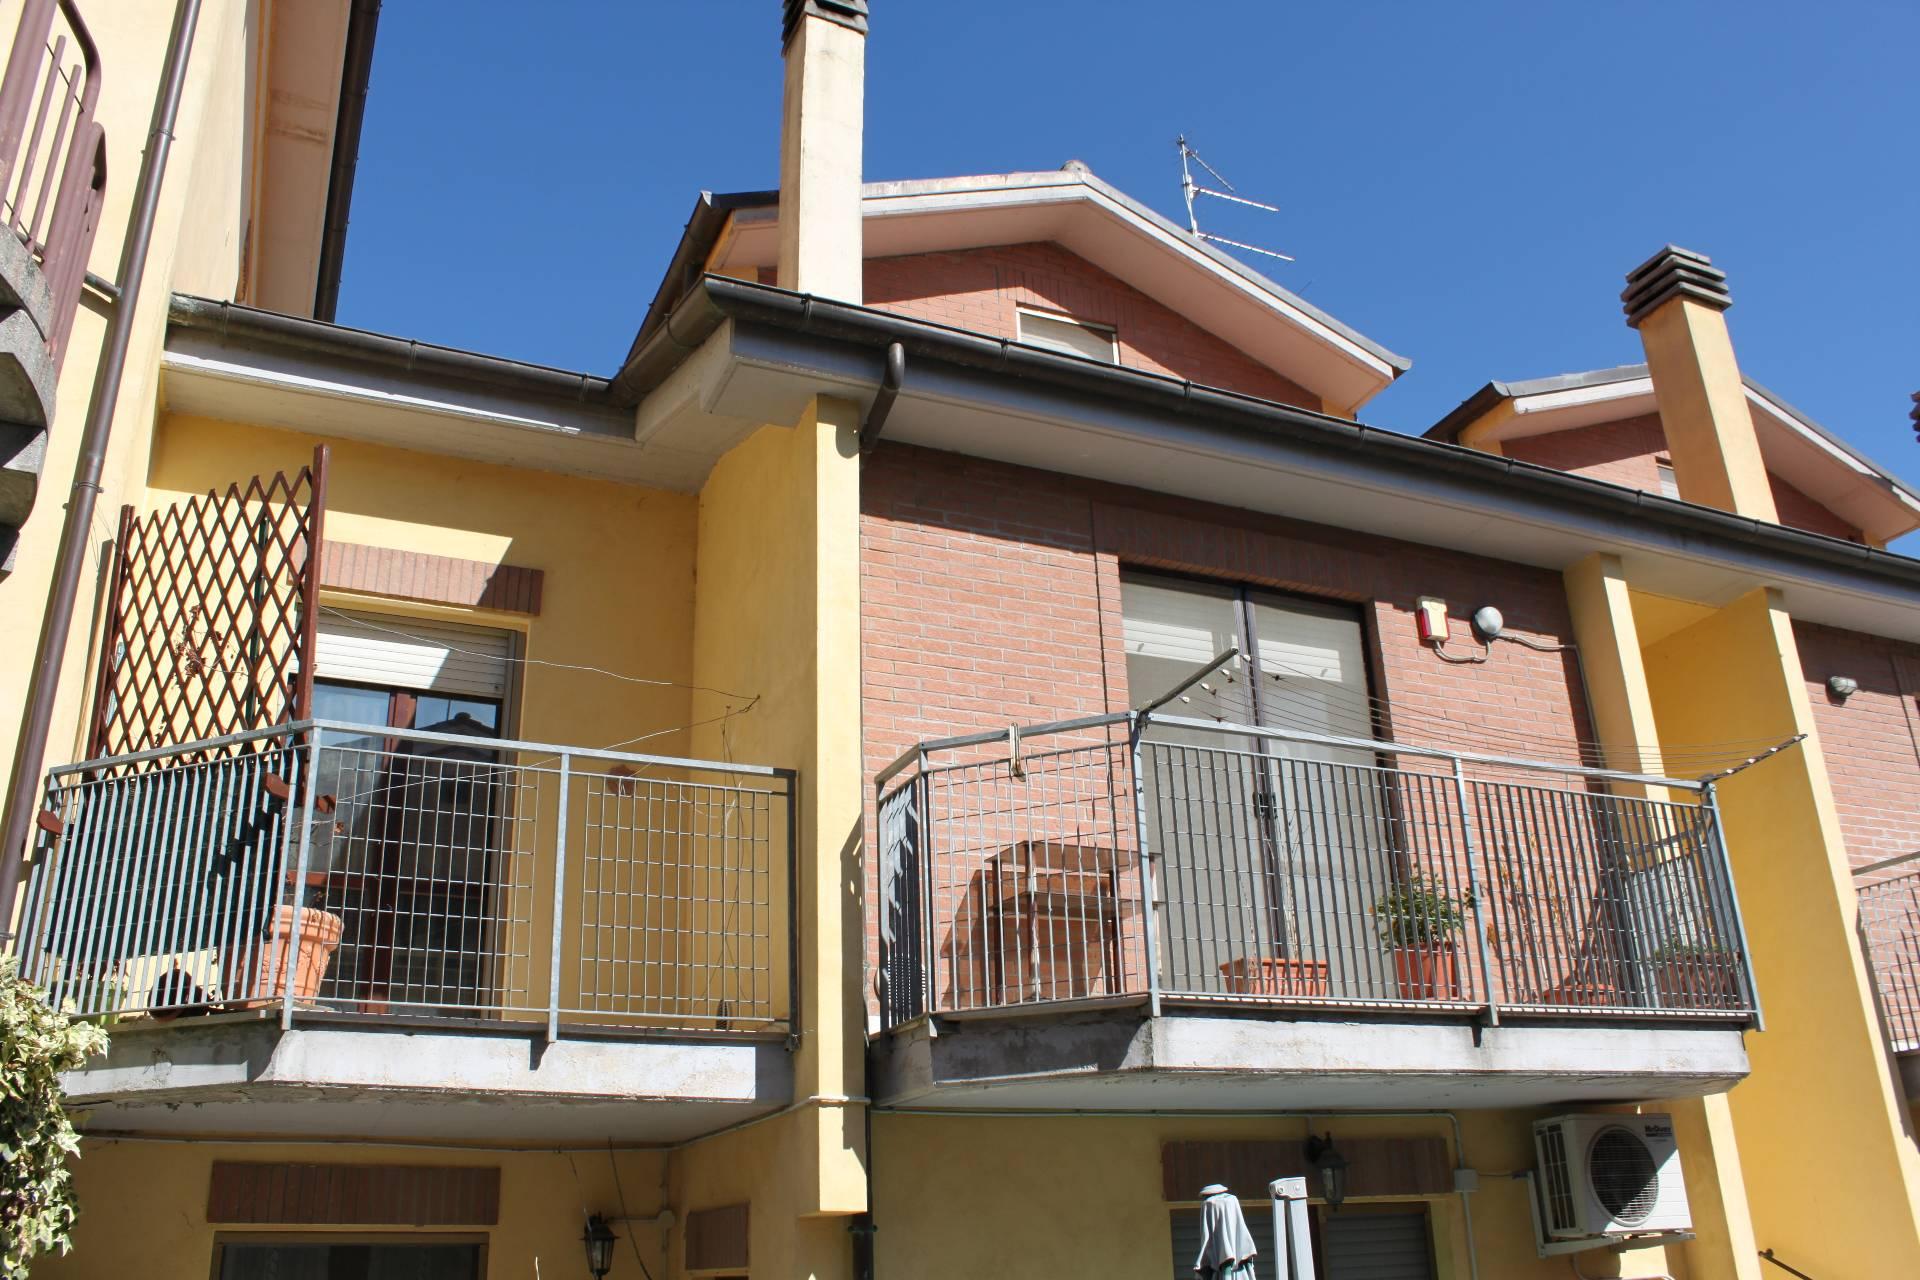 Appartamento in vendita a Agugliano, 6 locali, zona Località: Semicentro, prezzo € 149.000 | PortaleAgenzieImmobiliari.it